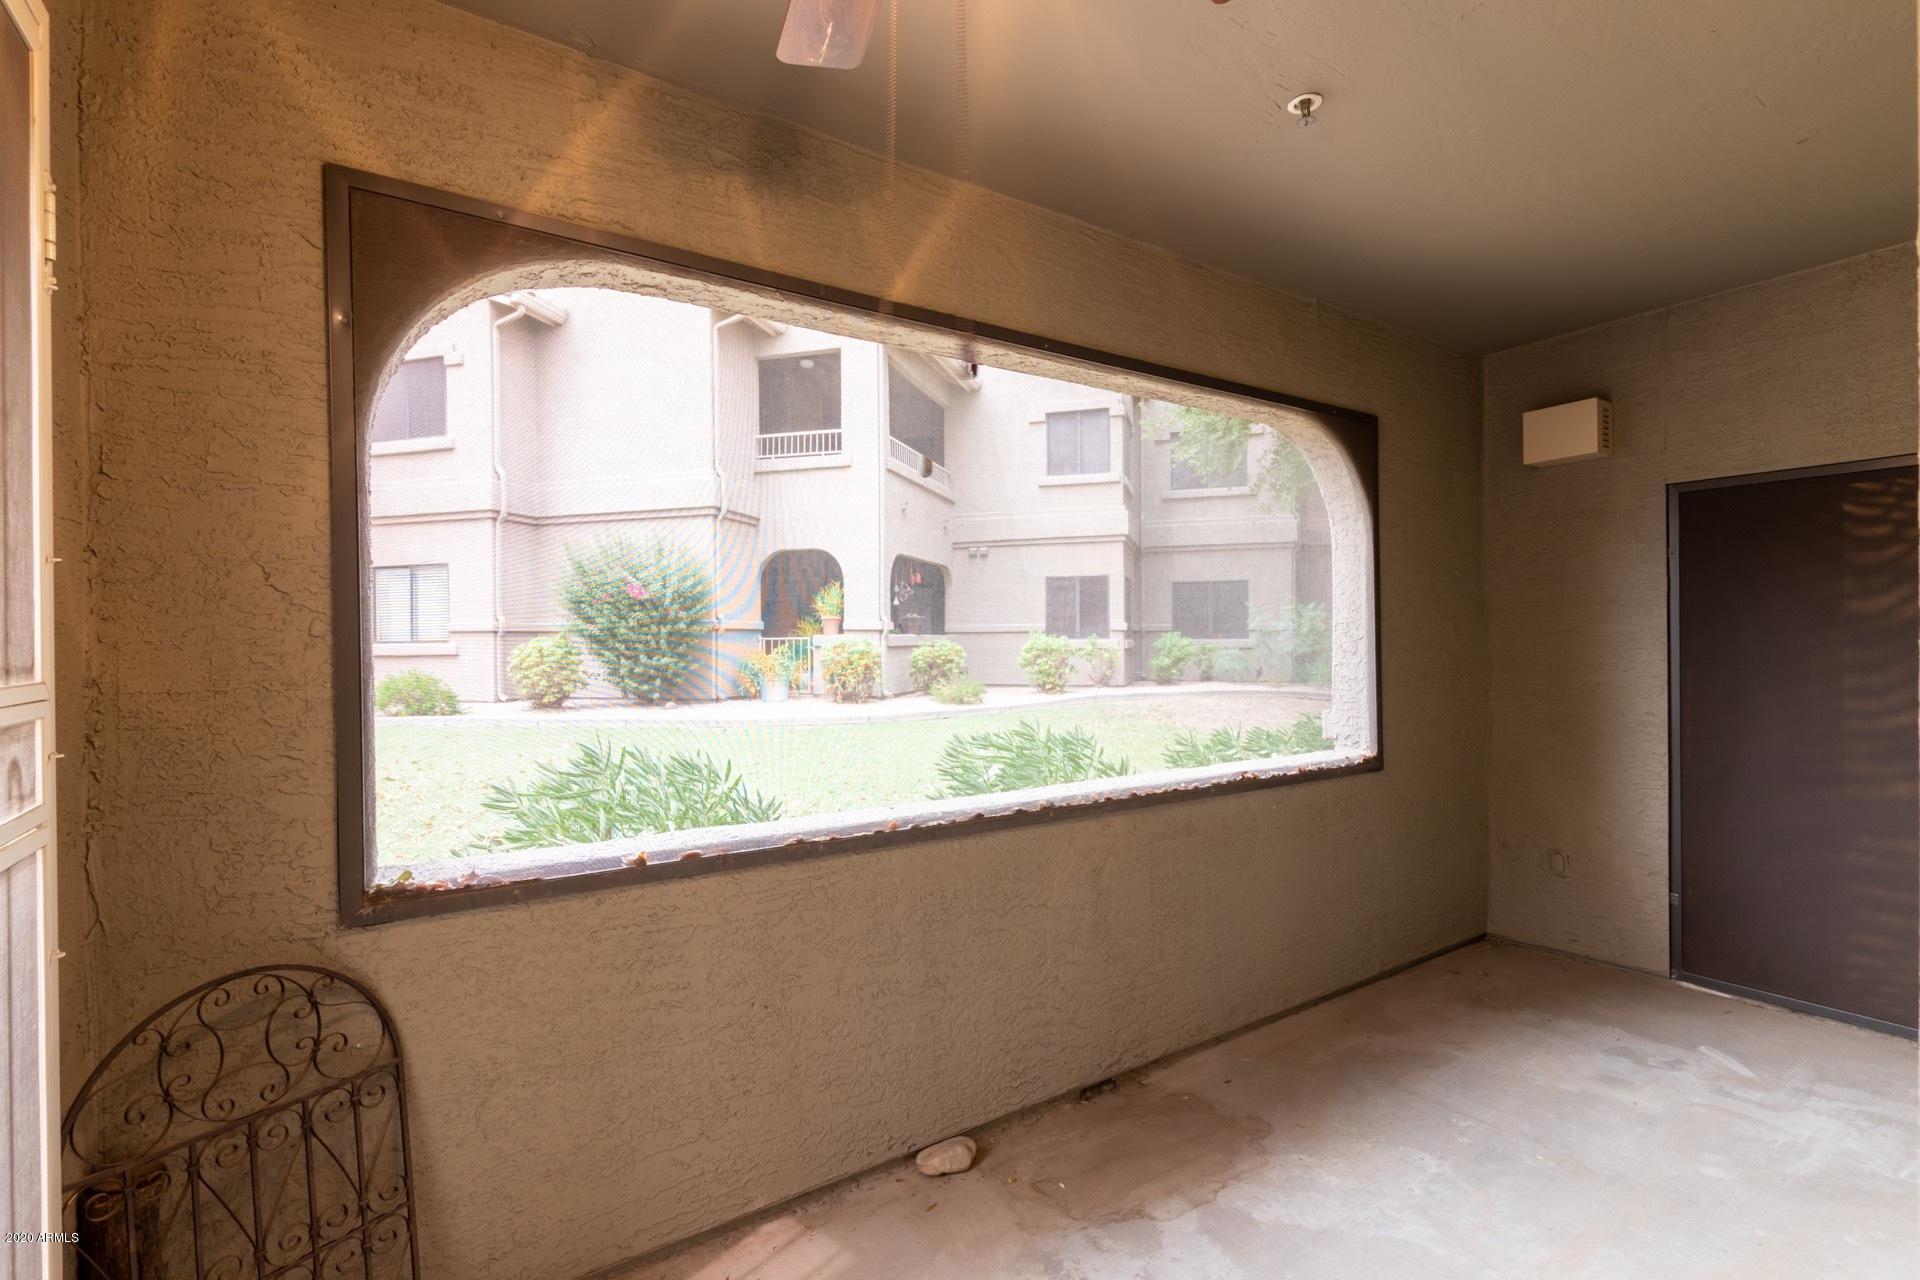 Photo #16: Large patio